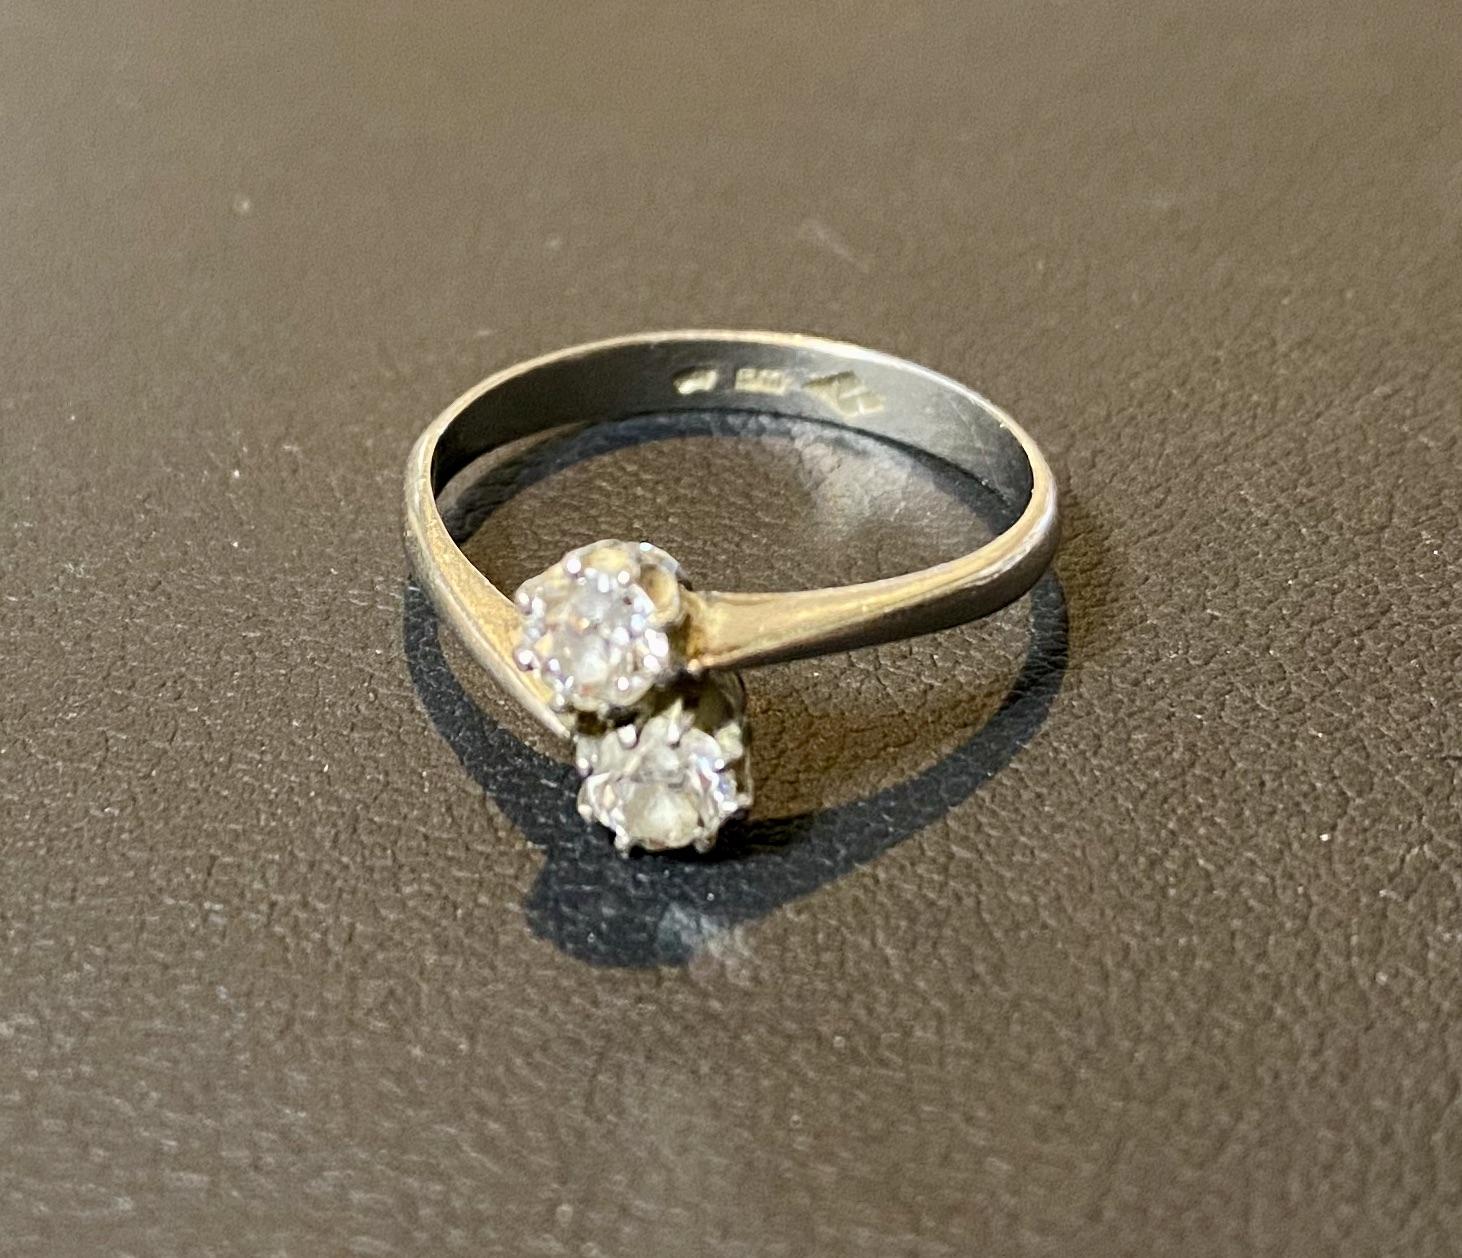 プラチナ(Pm刻印)ダイヤモンドの指輪,リングをお買取させていただきました。